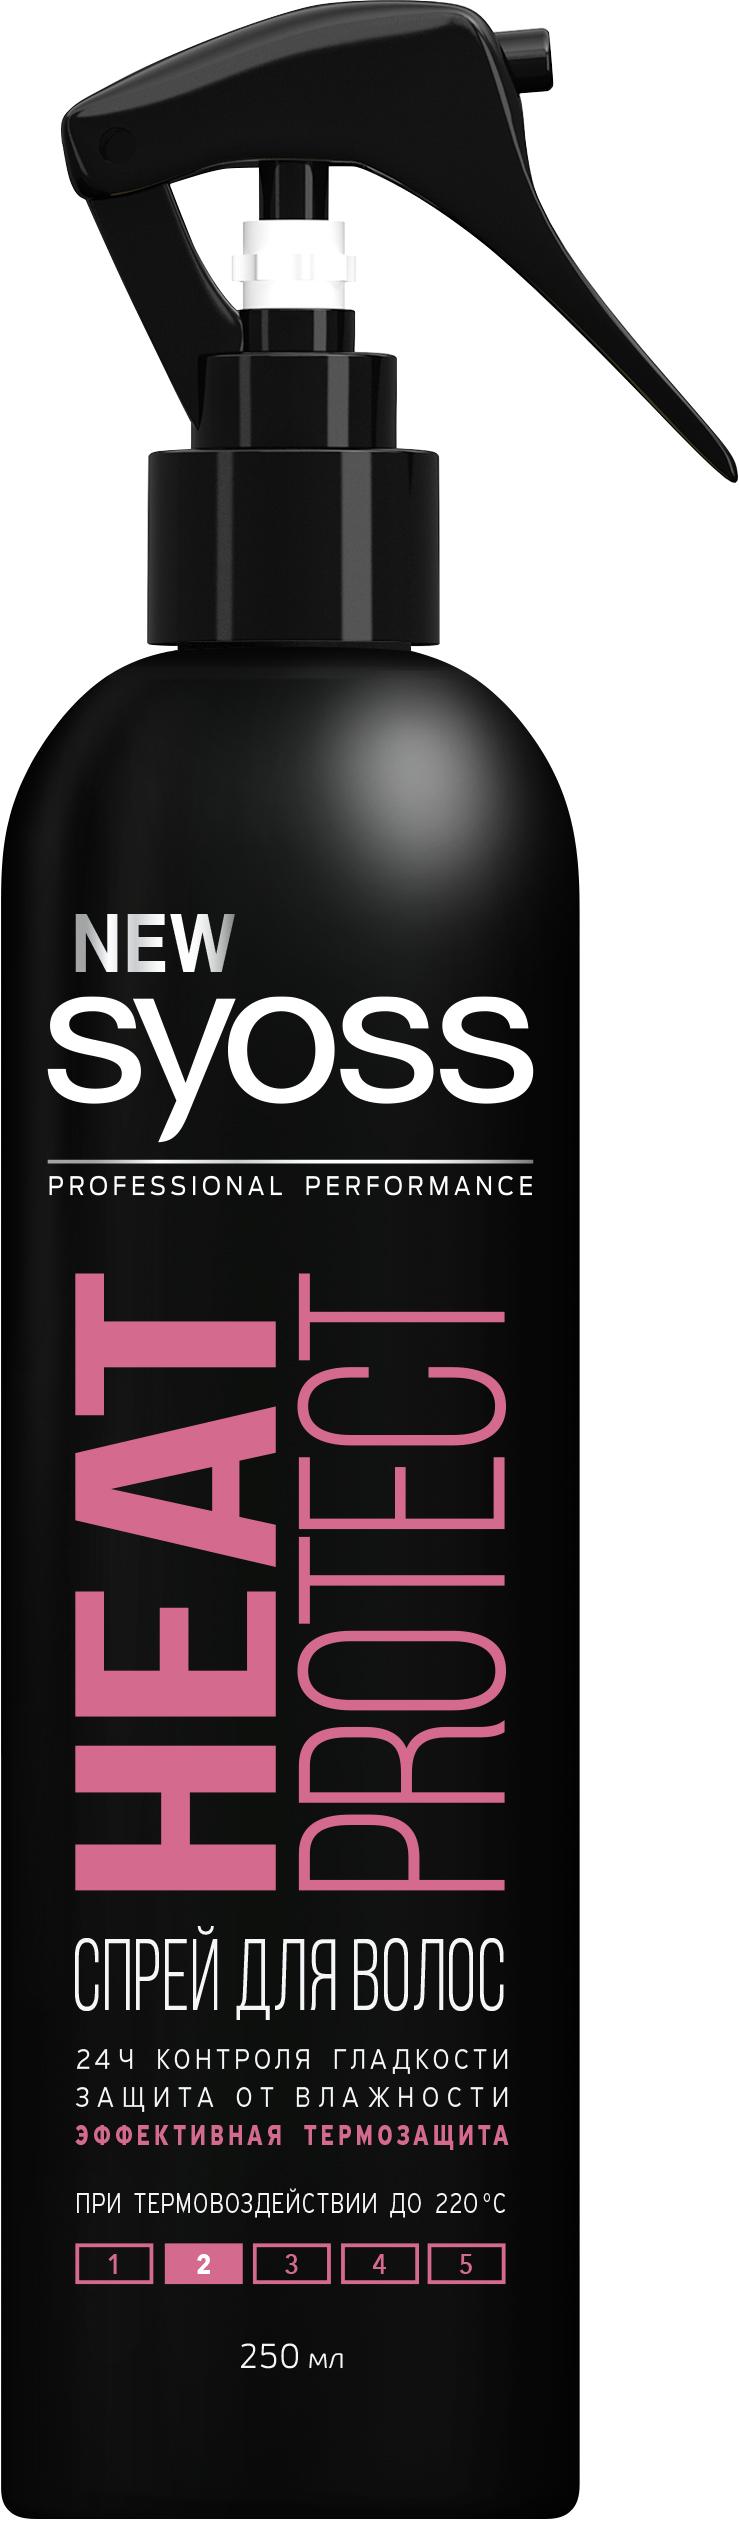 Syoss Термозащитный спрей Heat Protect для укладки, 250 мл9034840Термозащитный спрей Syoss Heat Protect защищает волосы при термоукладке, разглаживает и придает блеск. Содержит ингредиенты с термозащитой до 200°.Обеспечивает контроль гладкости волос.Разглаживает и делает кудрявые и